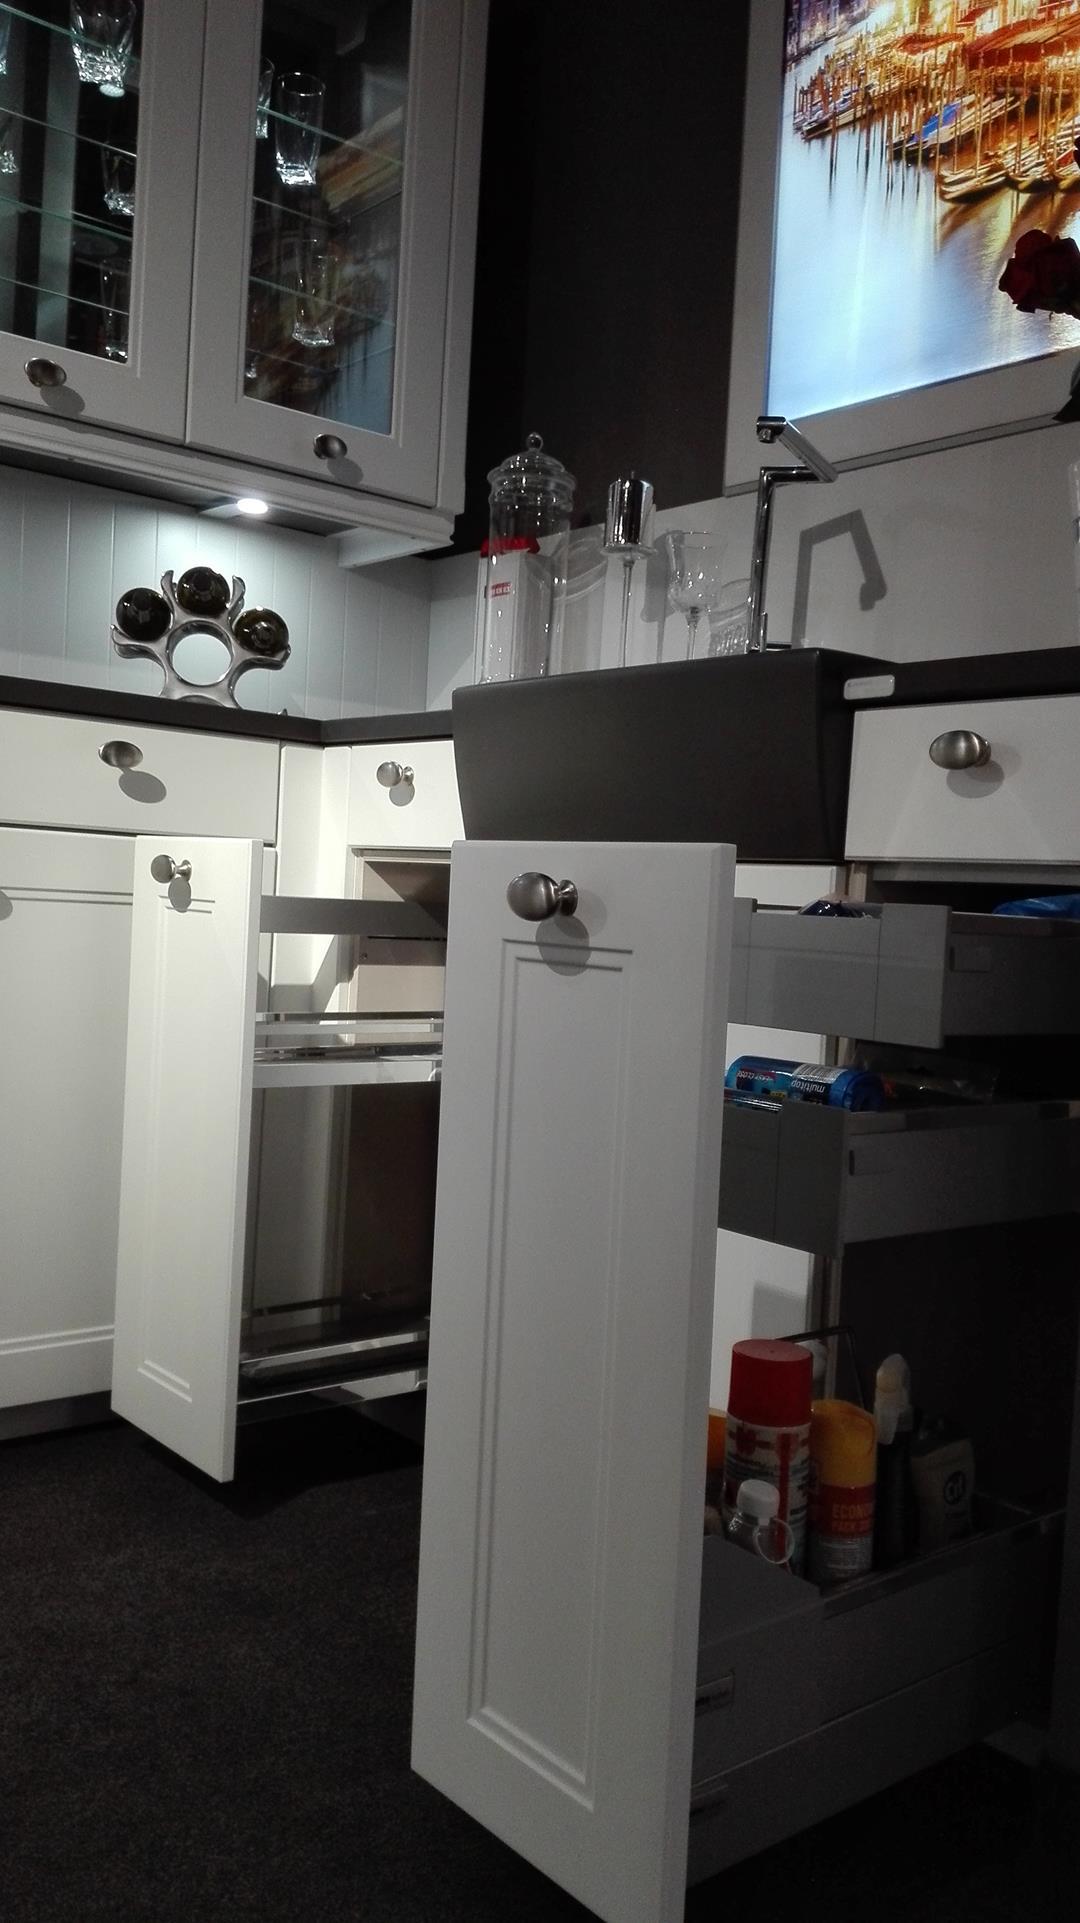 ekspozycje kuchni nolte